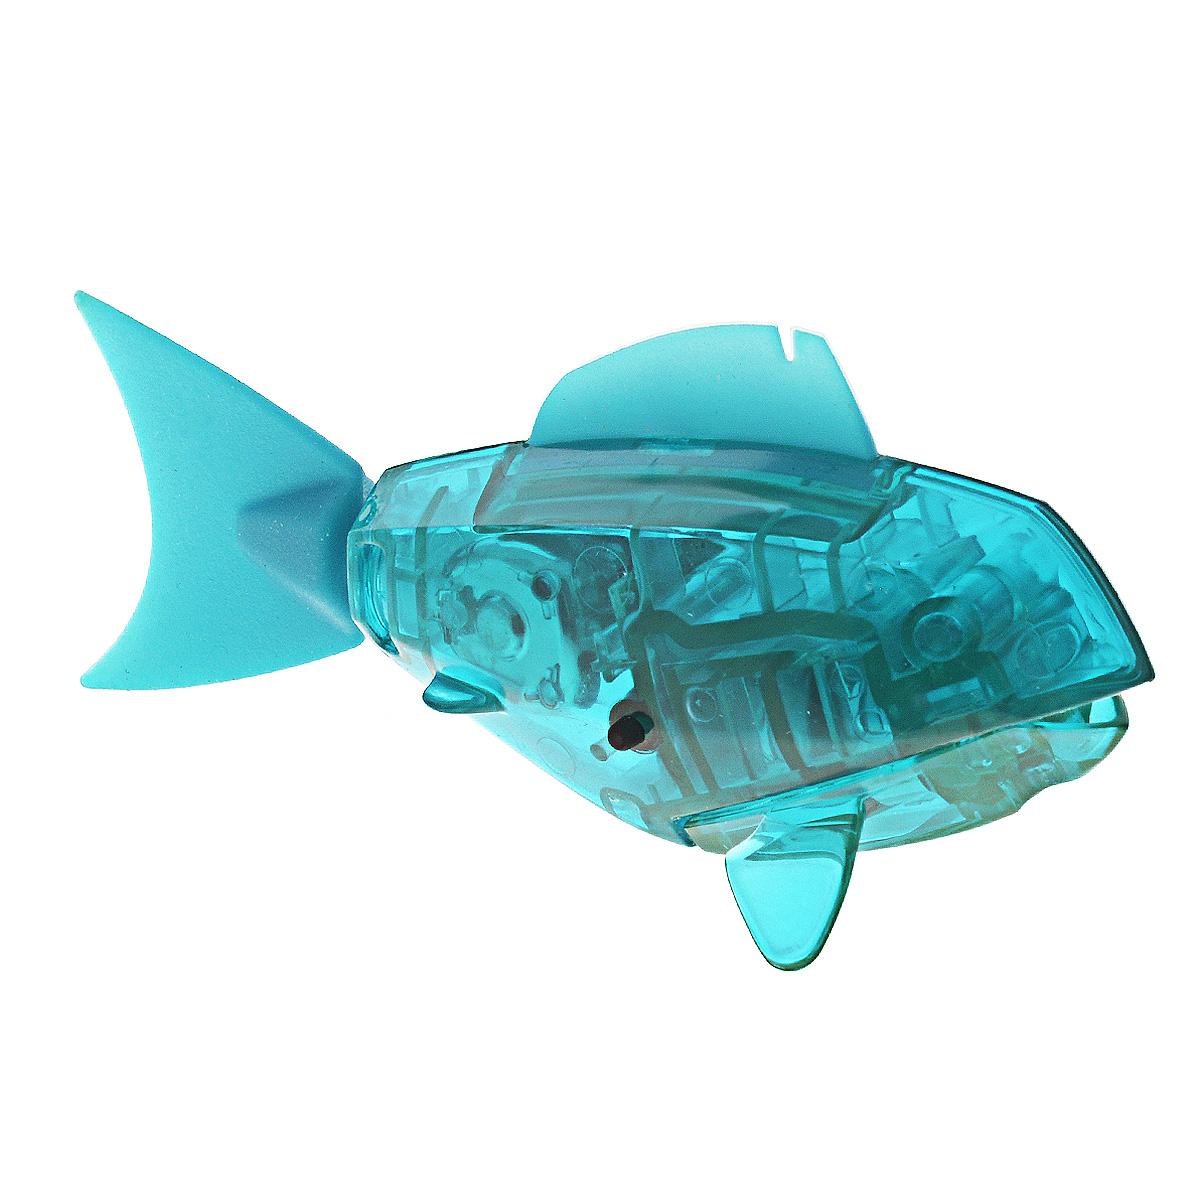 Игровой наюбор Hexbug Aqua Bot, с аквариумом, цвет: бирюзовый460-2914_бирюзовыйУникальный микро-робот рыбка Hexbug Aquabot изготовлен из безопасного пластика и выполнен в виде забавной рыбки. Теперь микро-роботы осваивают и водные глубины! Микро-робот рыбка Hexbug Aquabot плавает как настоящая рыба и непредсказуем в направлении движения. Опустите его в воду и он оживет! Если микро-робот замер, то достаточно просто всколыхнуть воду и он снова поплывёт. Вне воды микро-робот автоматически выключается. В комплект с рыбкой входит аквариум. Для работы игрушки необходимы 2 батареи типа LR44 (товар комплектуется демонстрационными).